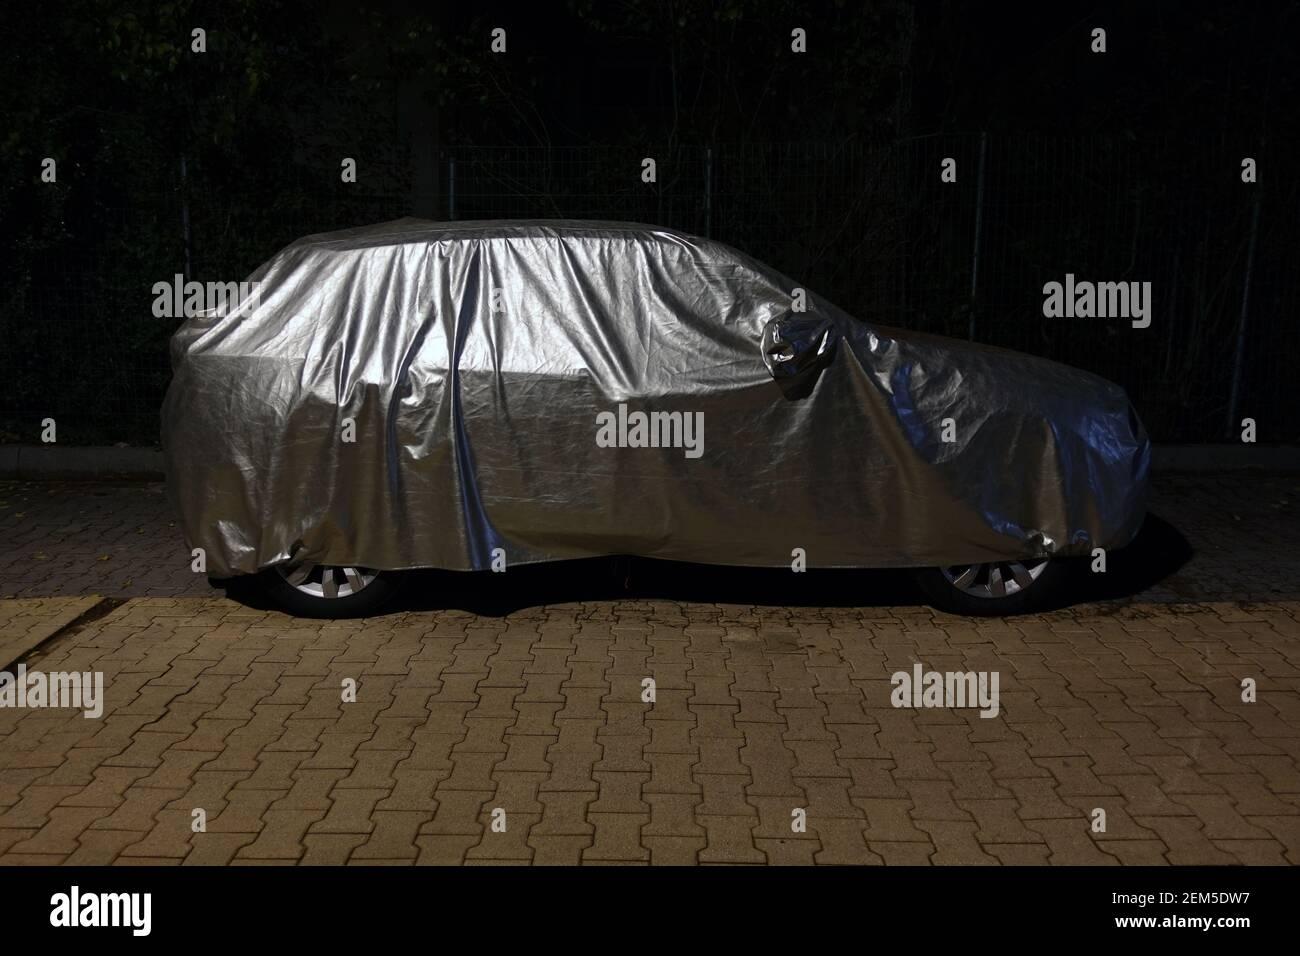 Auto con copertura protettiva in argento di notte. Foto Stock